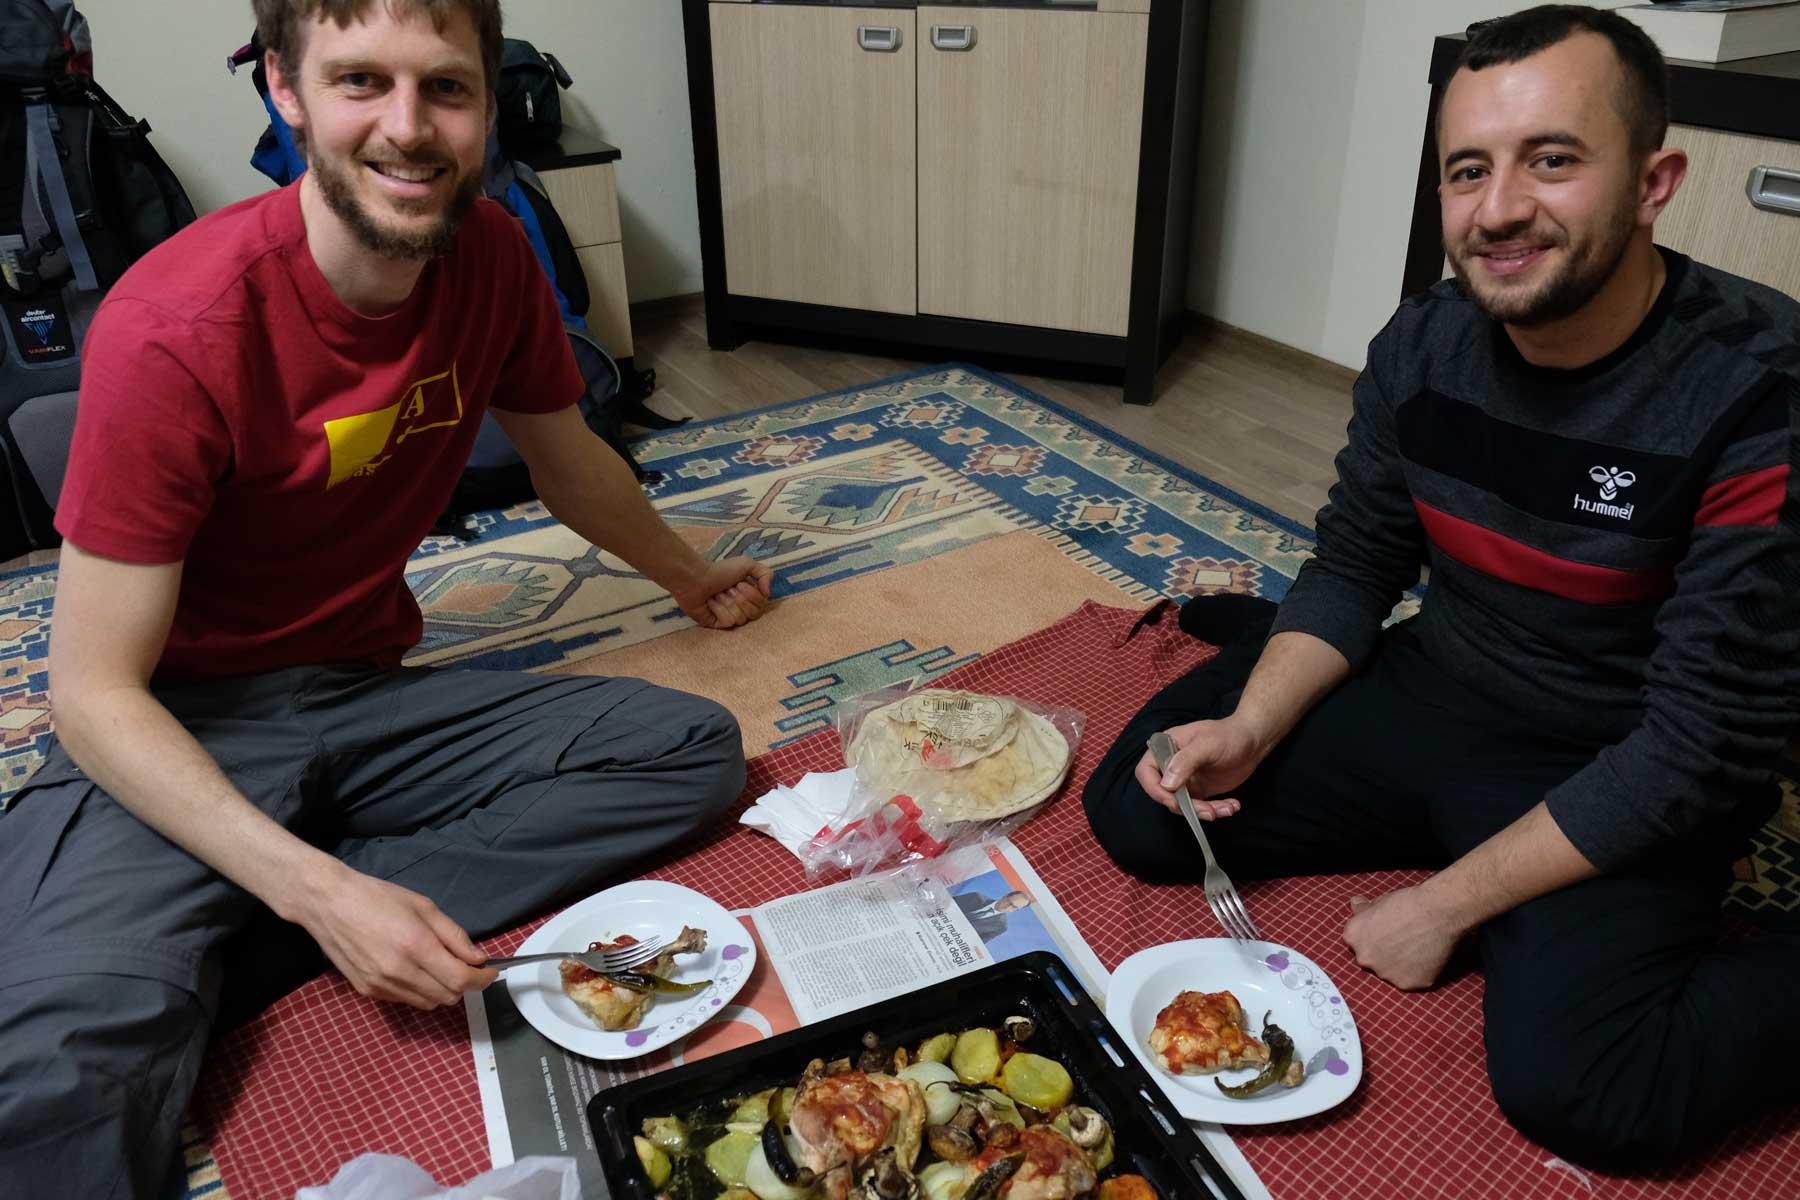 Leckeres Abendessen auf dem Boden